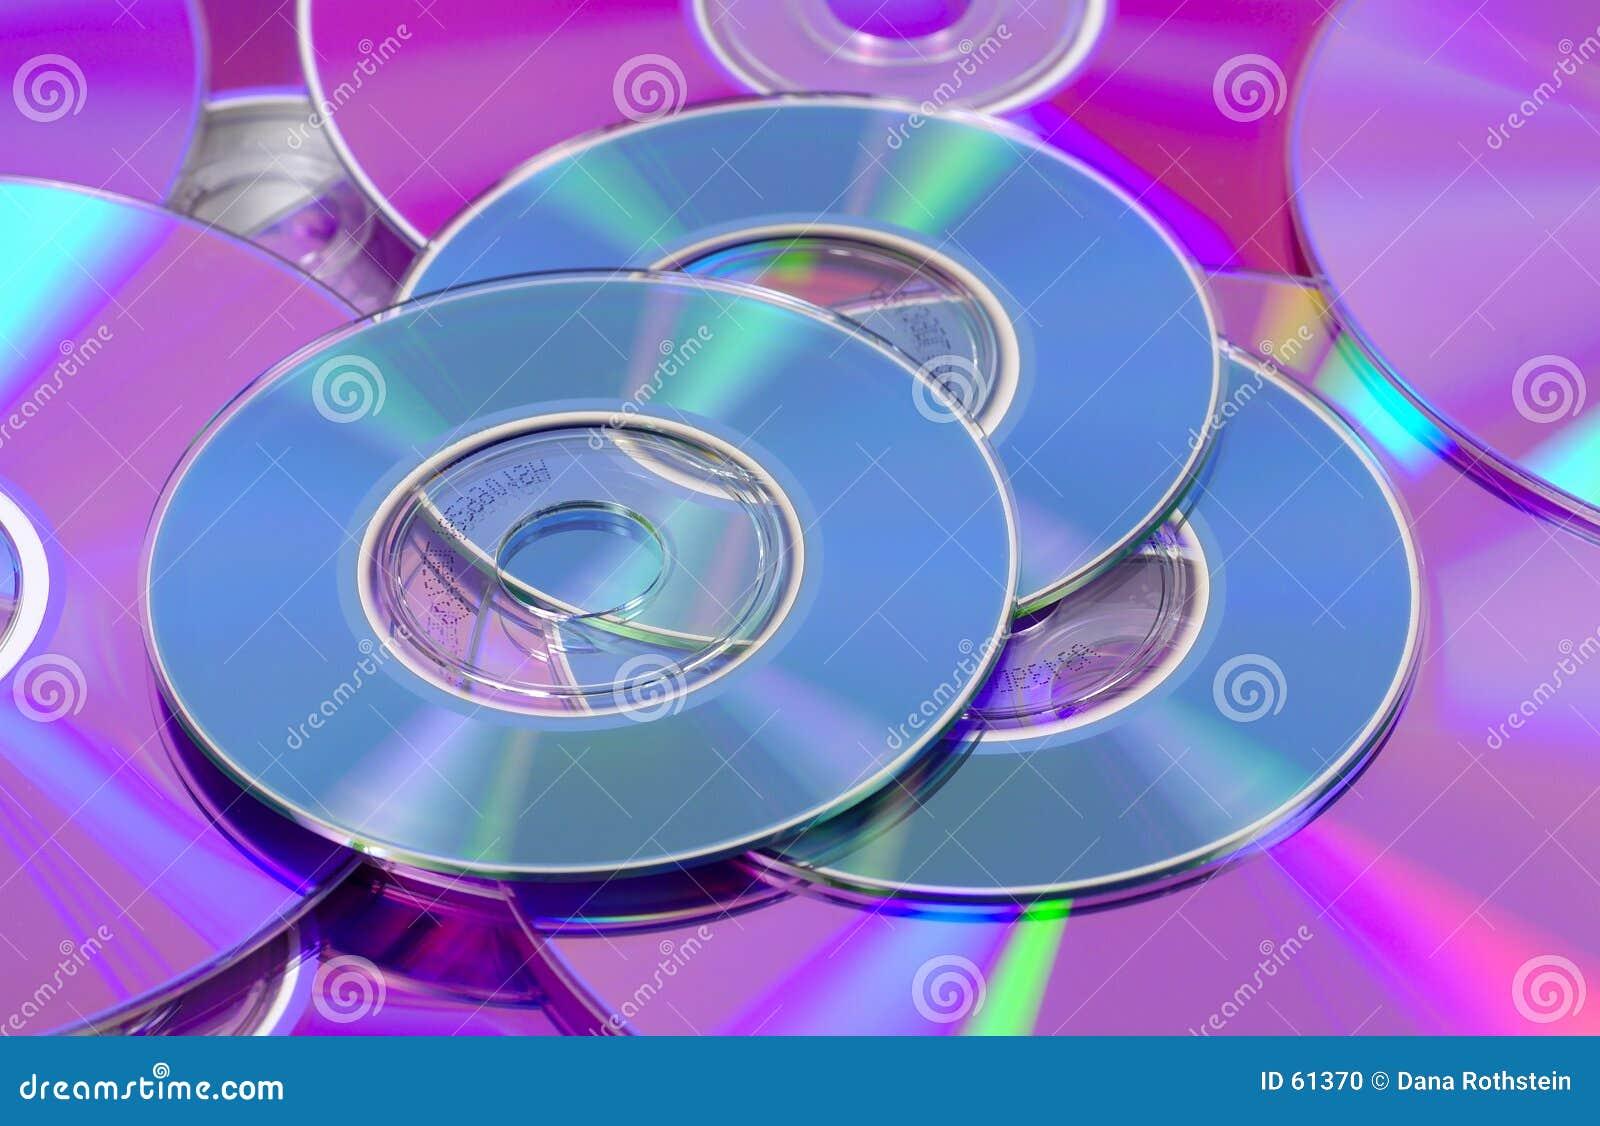 Download Cd et DVDs photo stock. Image du couleur, bleu, arc, r3fléchissant - 61370